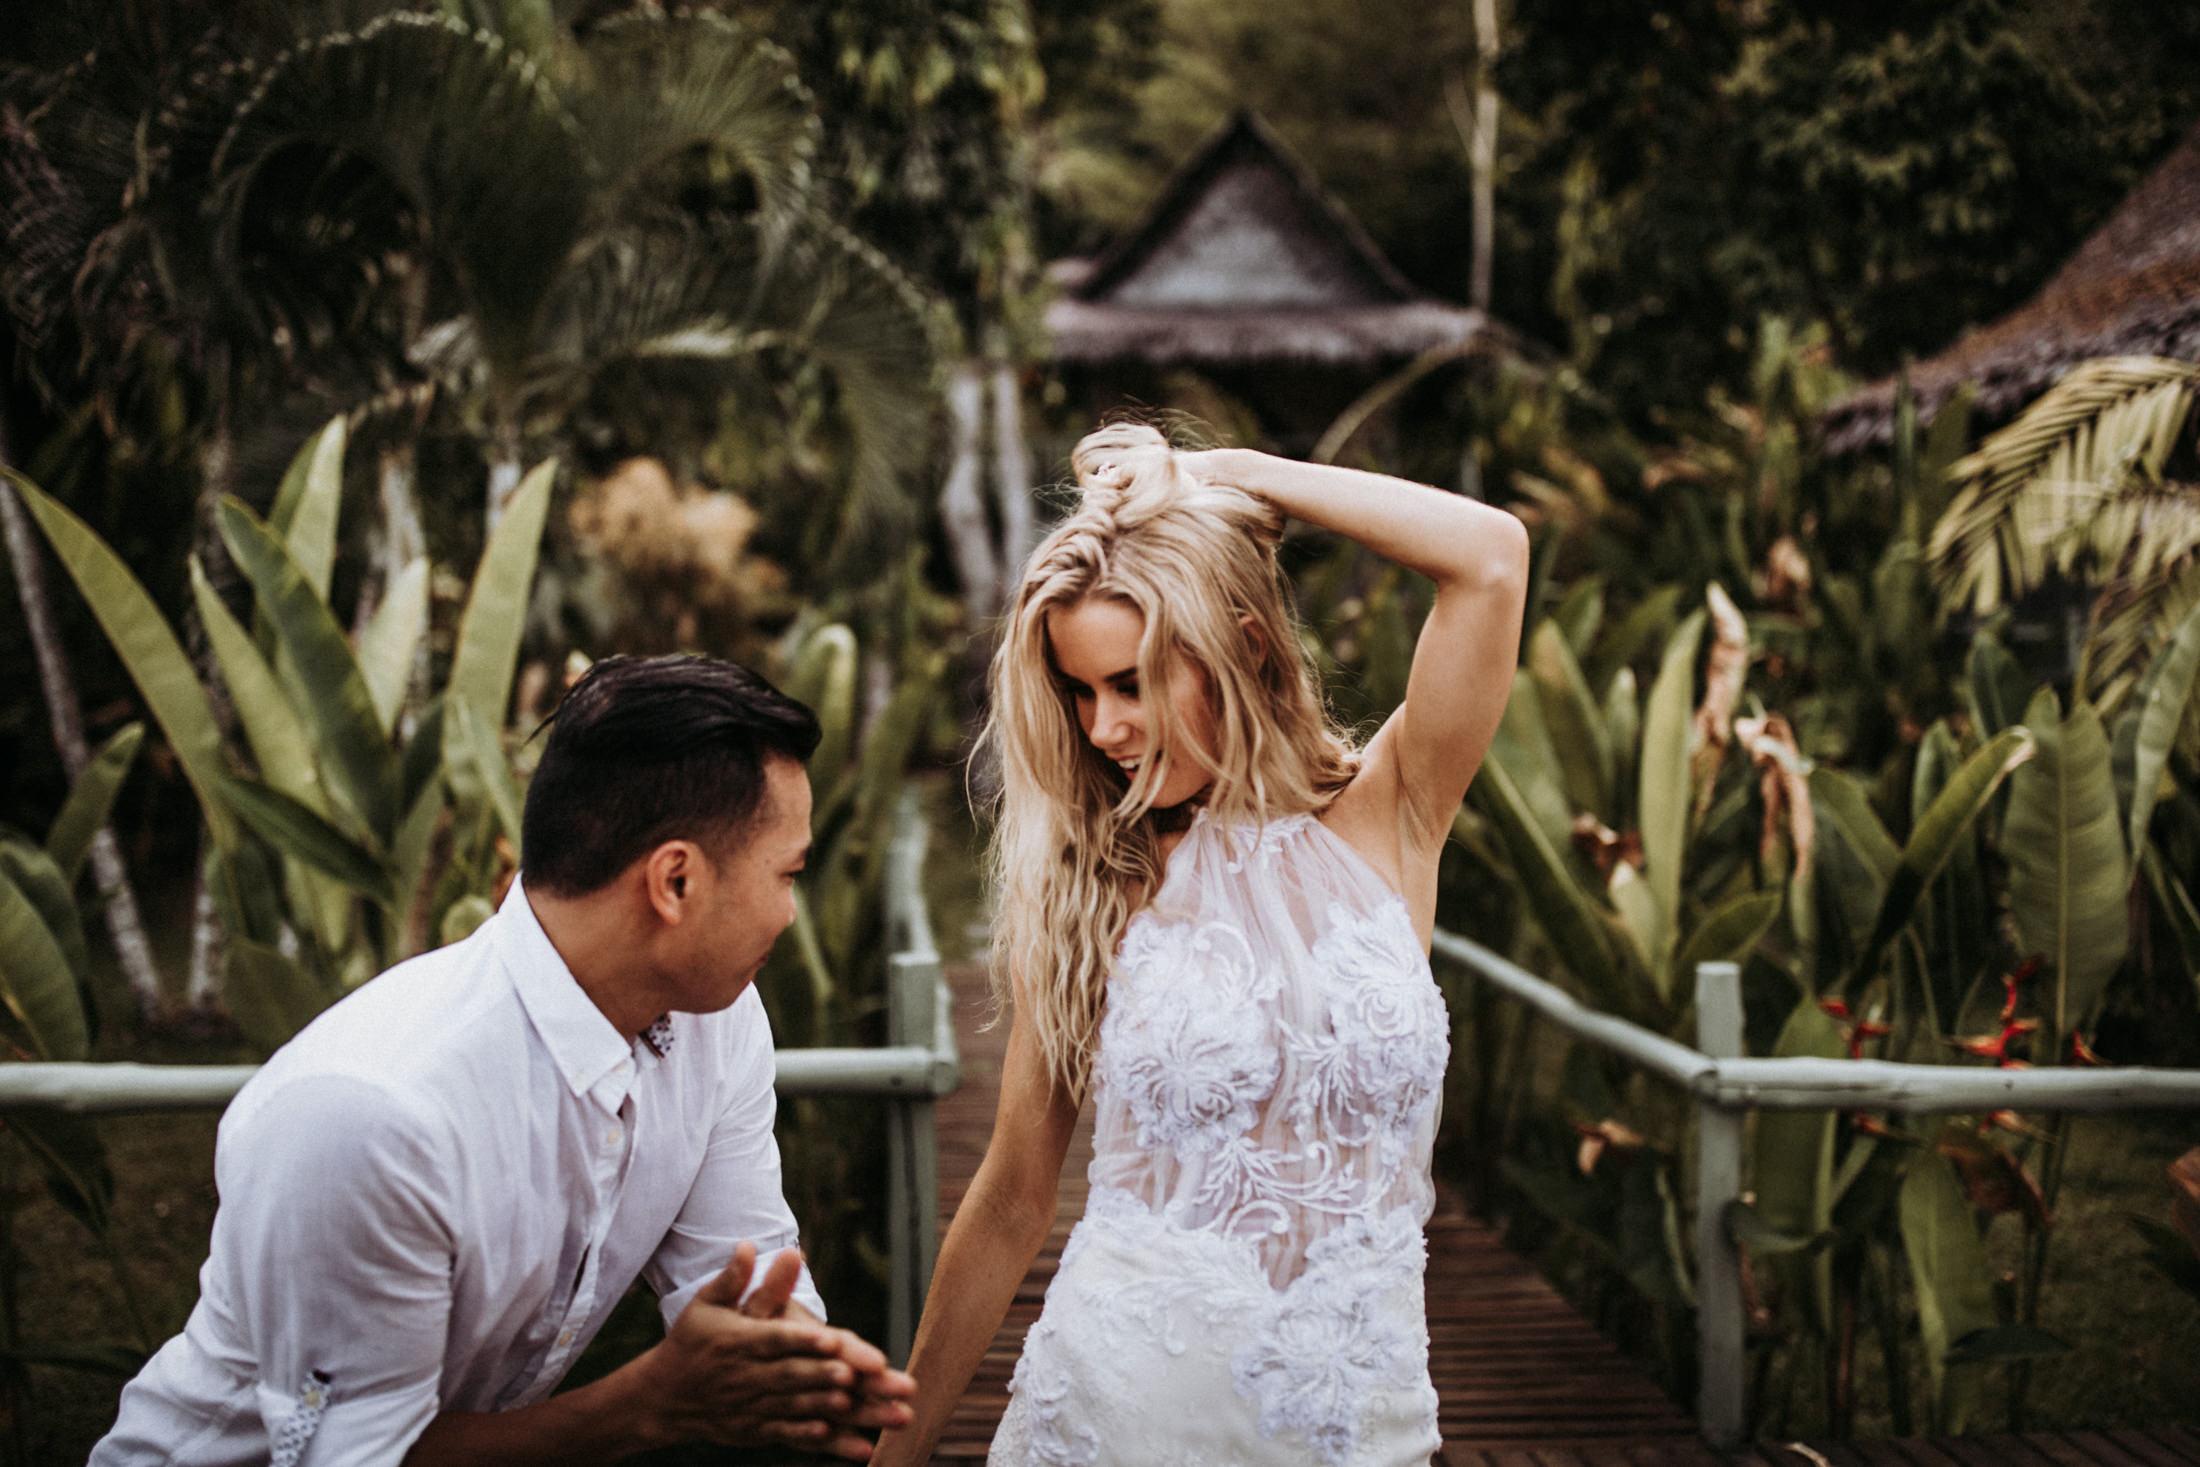 DanielaMarquardt_Wedding_Thailand_493